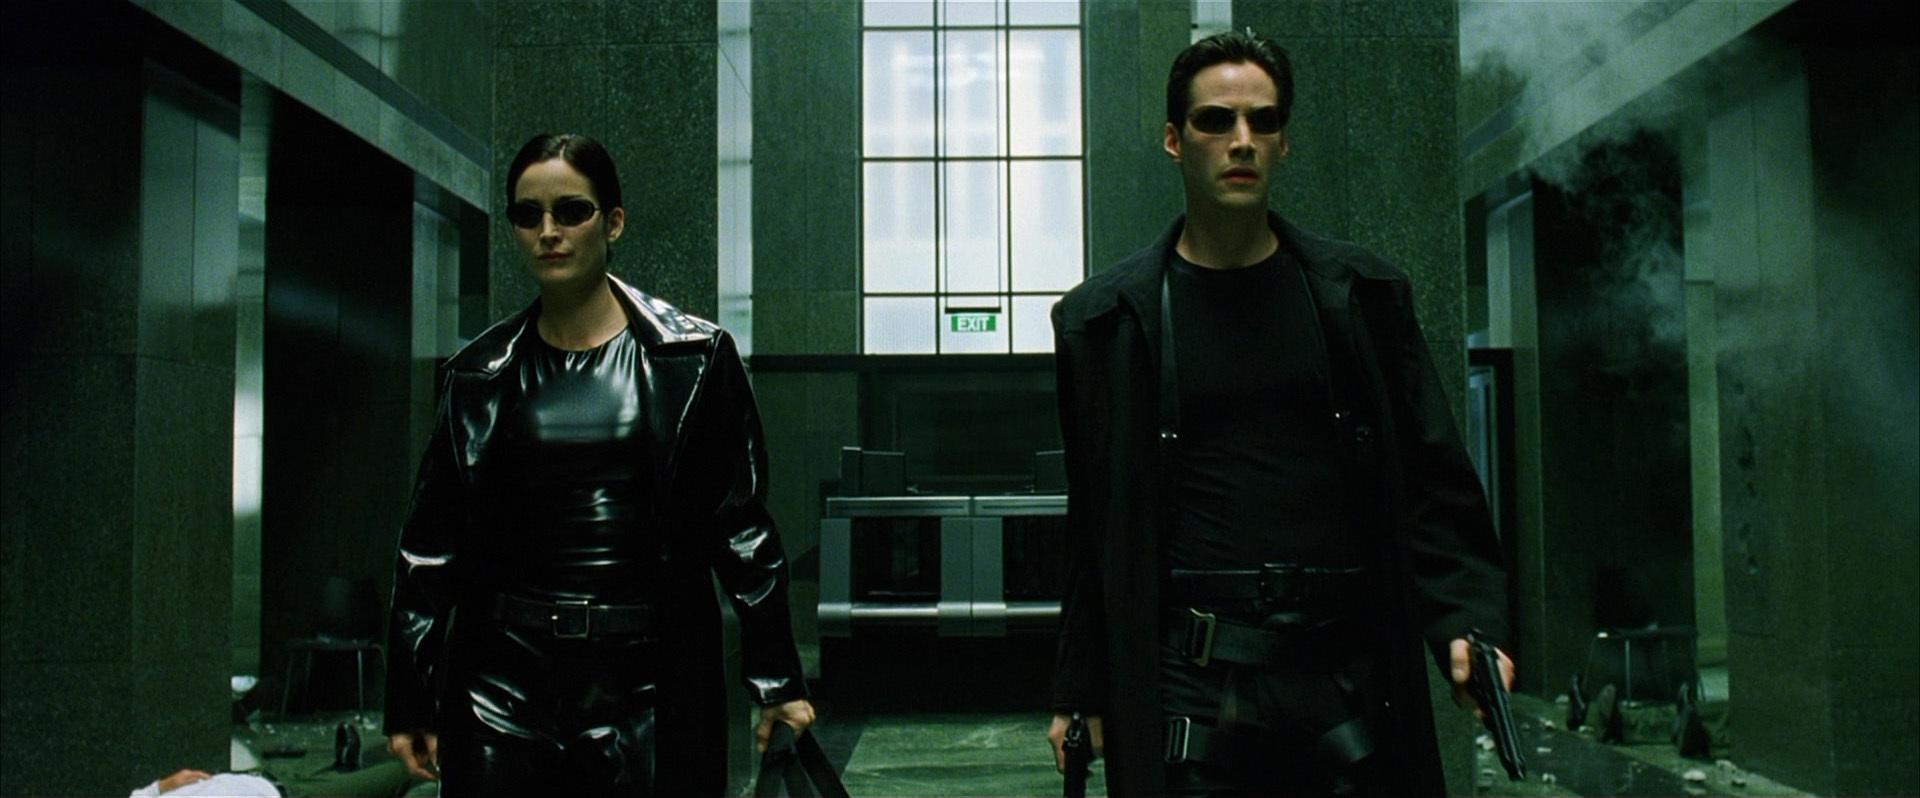 The Matrix 1999 - Action - Scifi